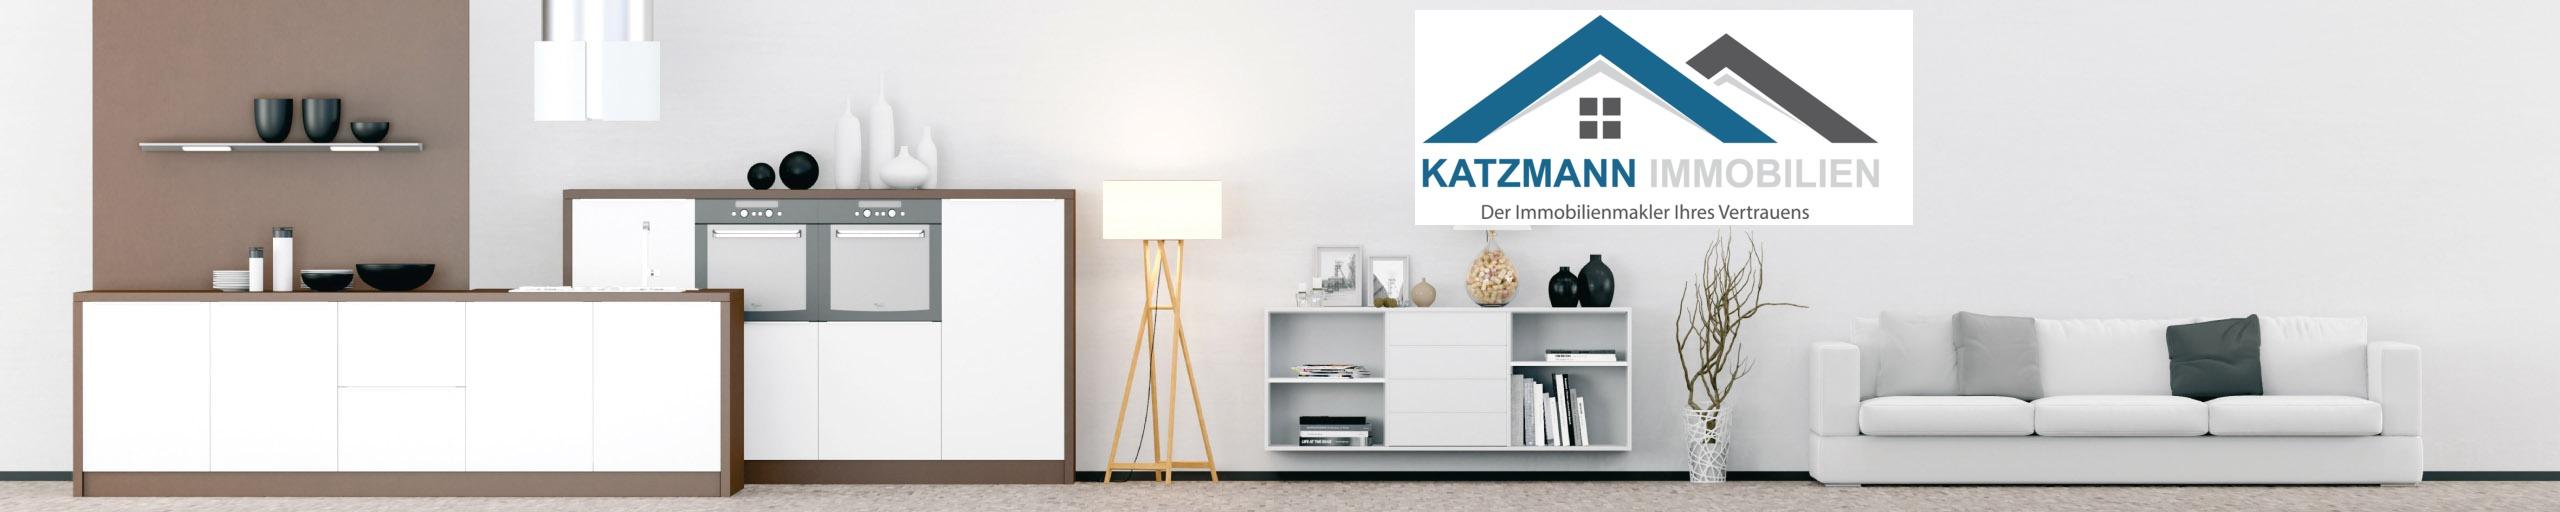 restwert der photovoltaikanlage kostenlos und online berechnen unser partner hat den passenden. Black Bedroom Furniture Sets. Home Design Ideas